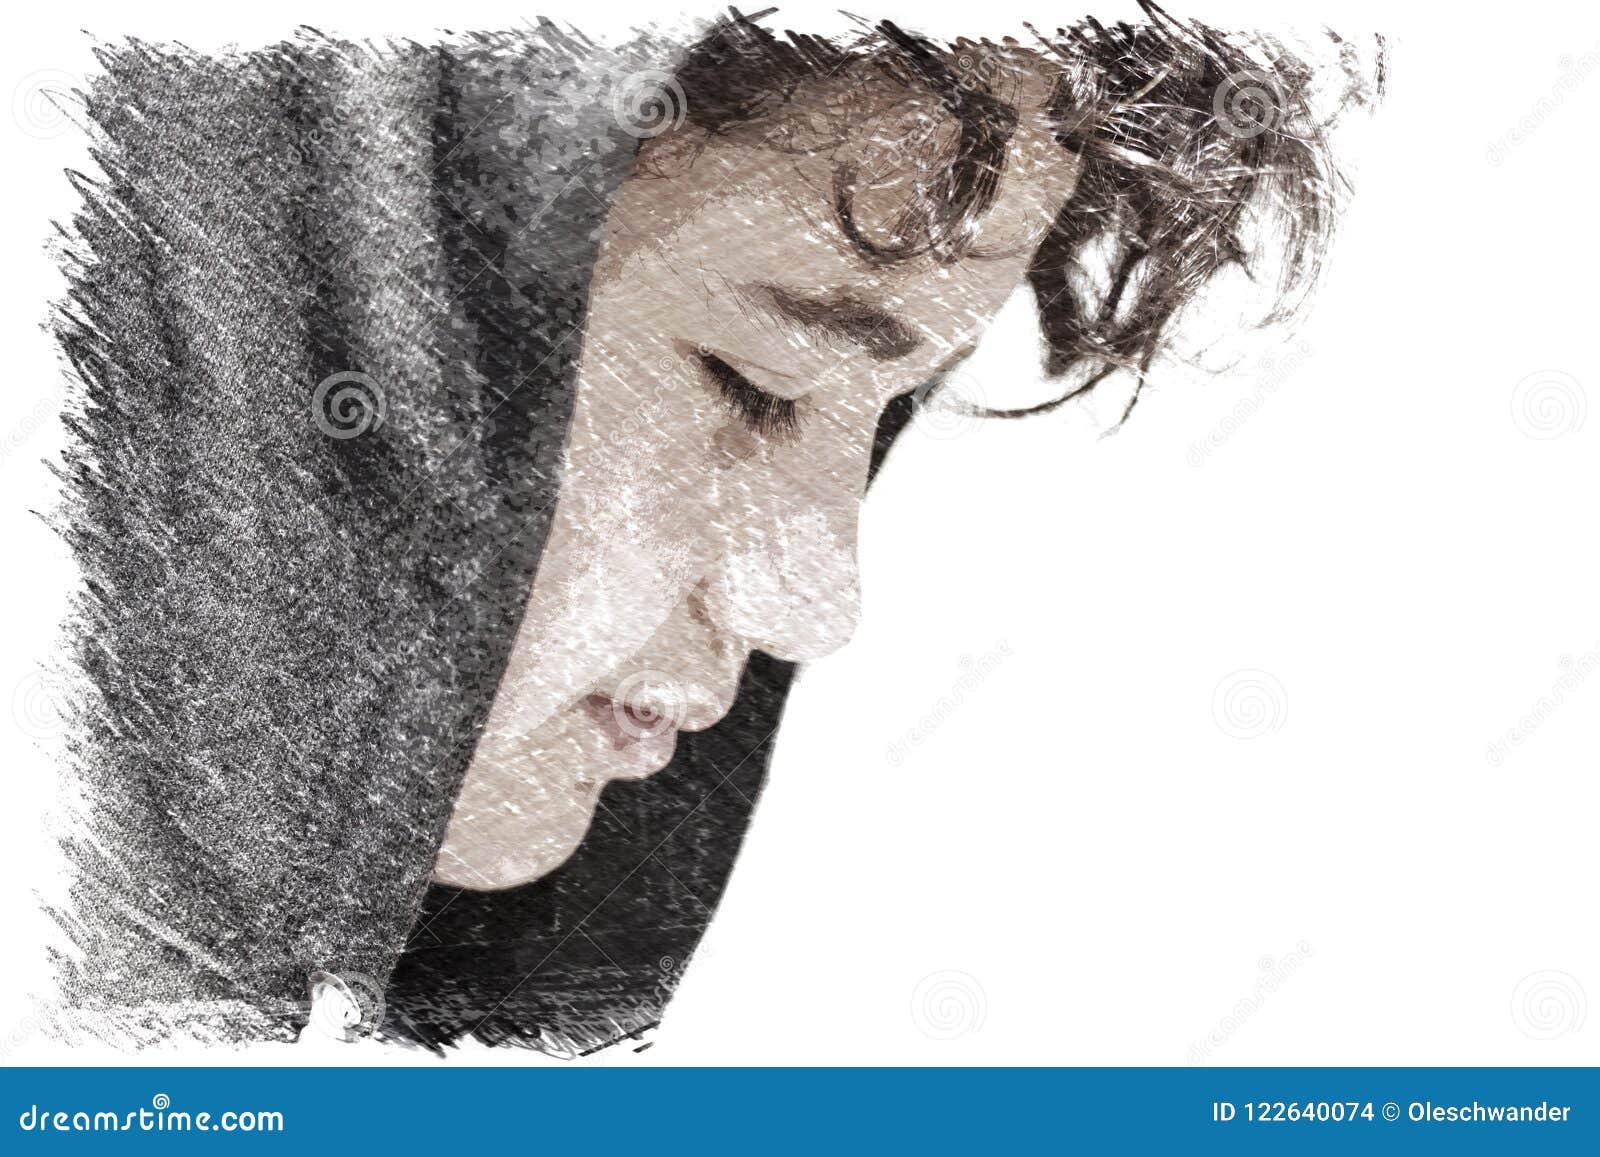 Λυπημένος προβληματικός χρονών έφηβος σχολικών 13 αγοριών που φορά μια τοποθέτηση hoodie υπαίθρια - σχέδιο